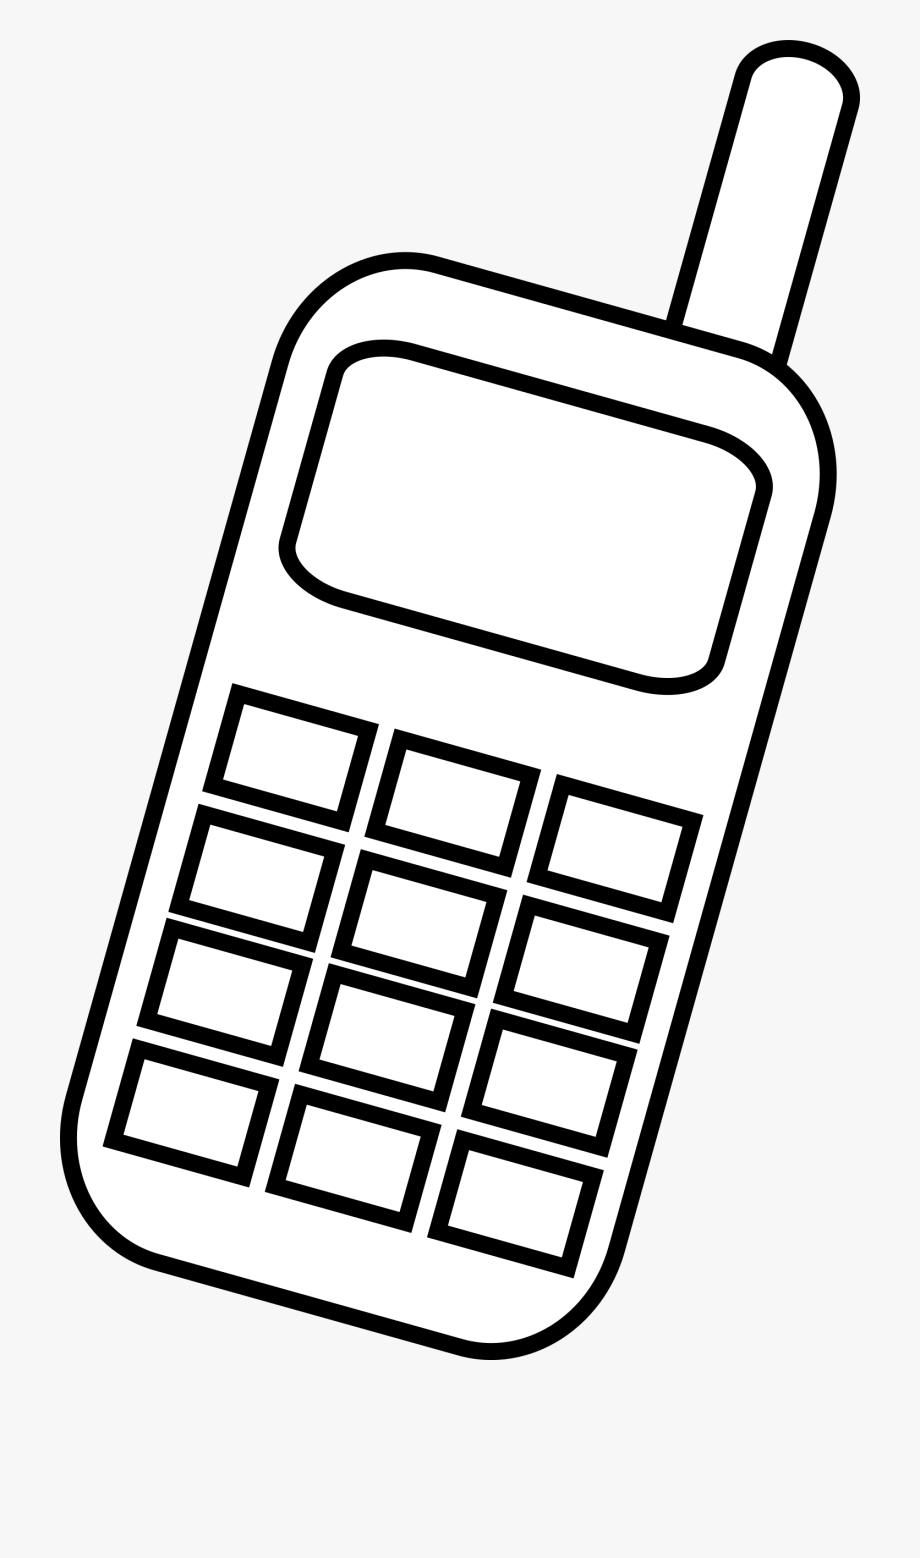 Cellphone Clipart.